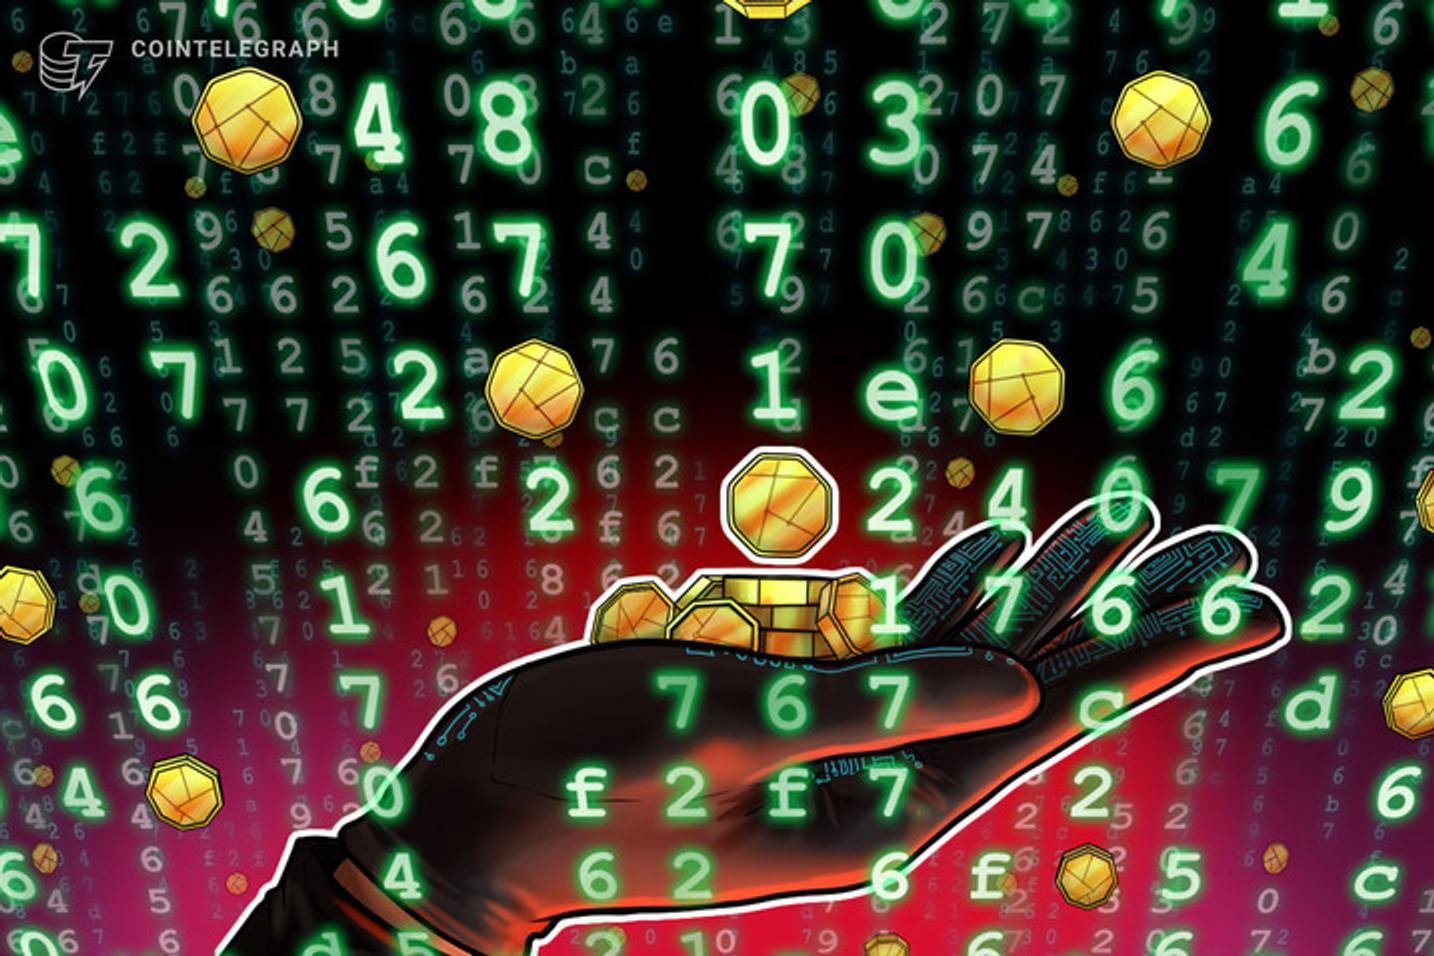 Em 2020 Atlas Quantum transferiu mais de 49 Bitcoins para Wasabi Wallet, carteira focada em anonimato